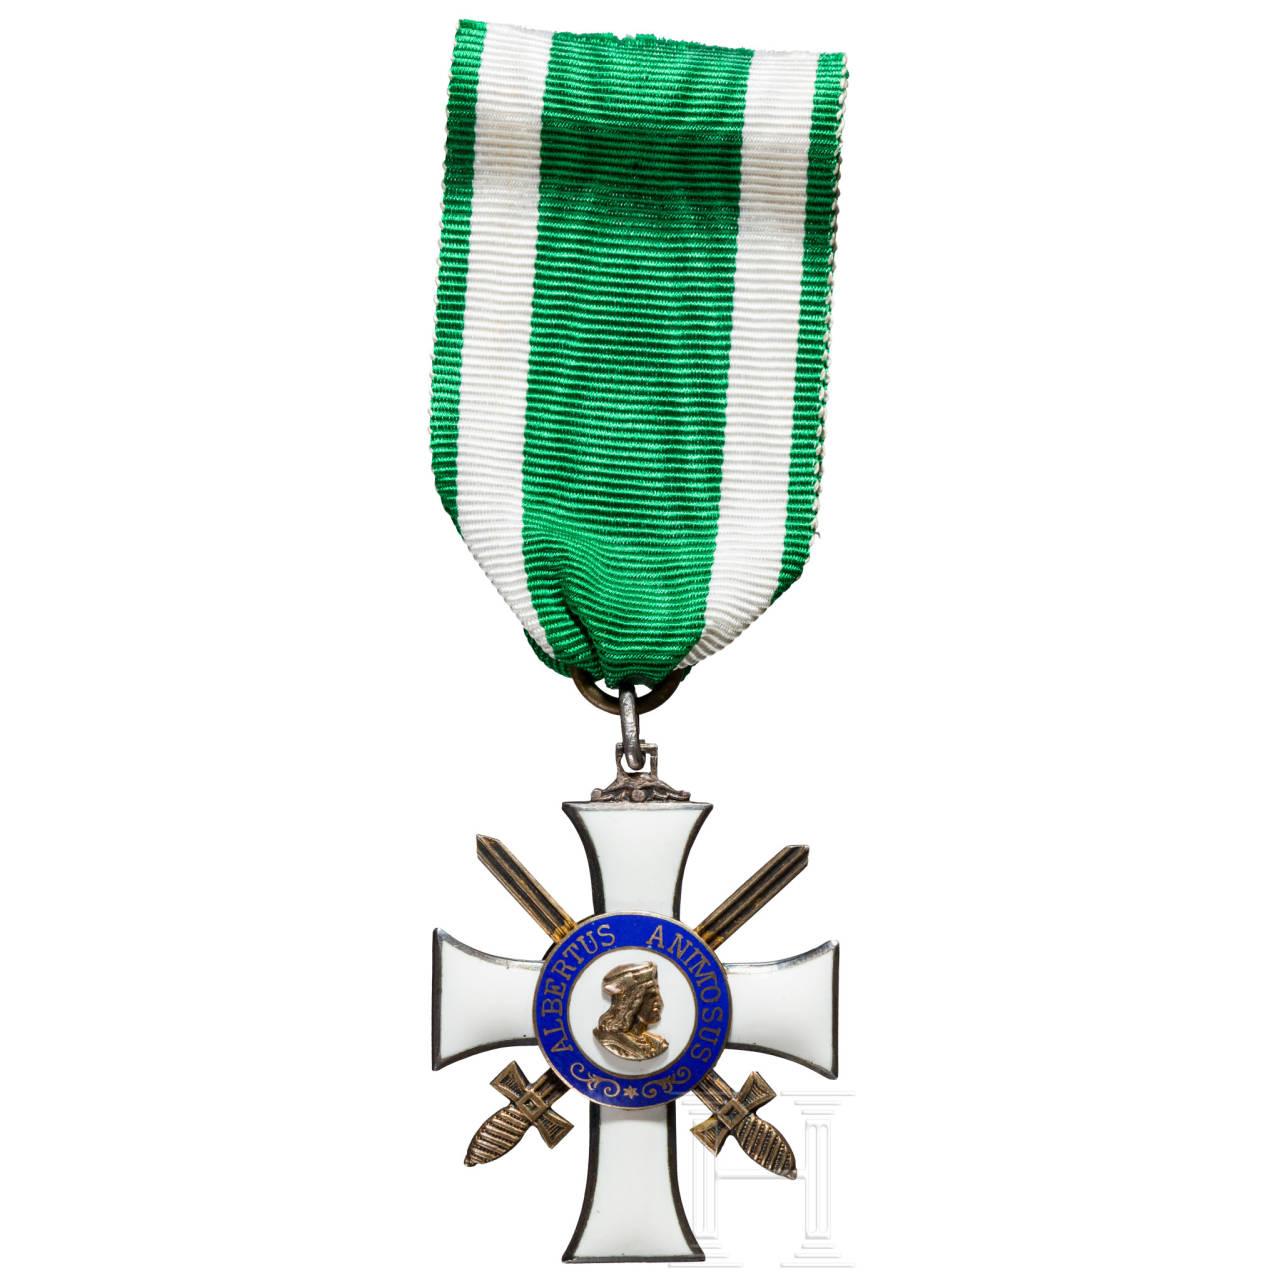 Albrechtsorden - Knight's Cross 2nd class with swords